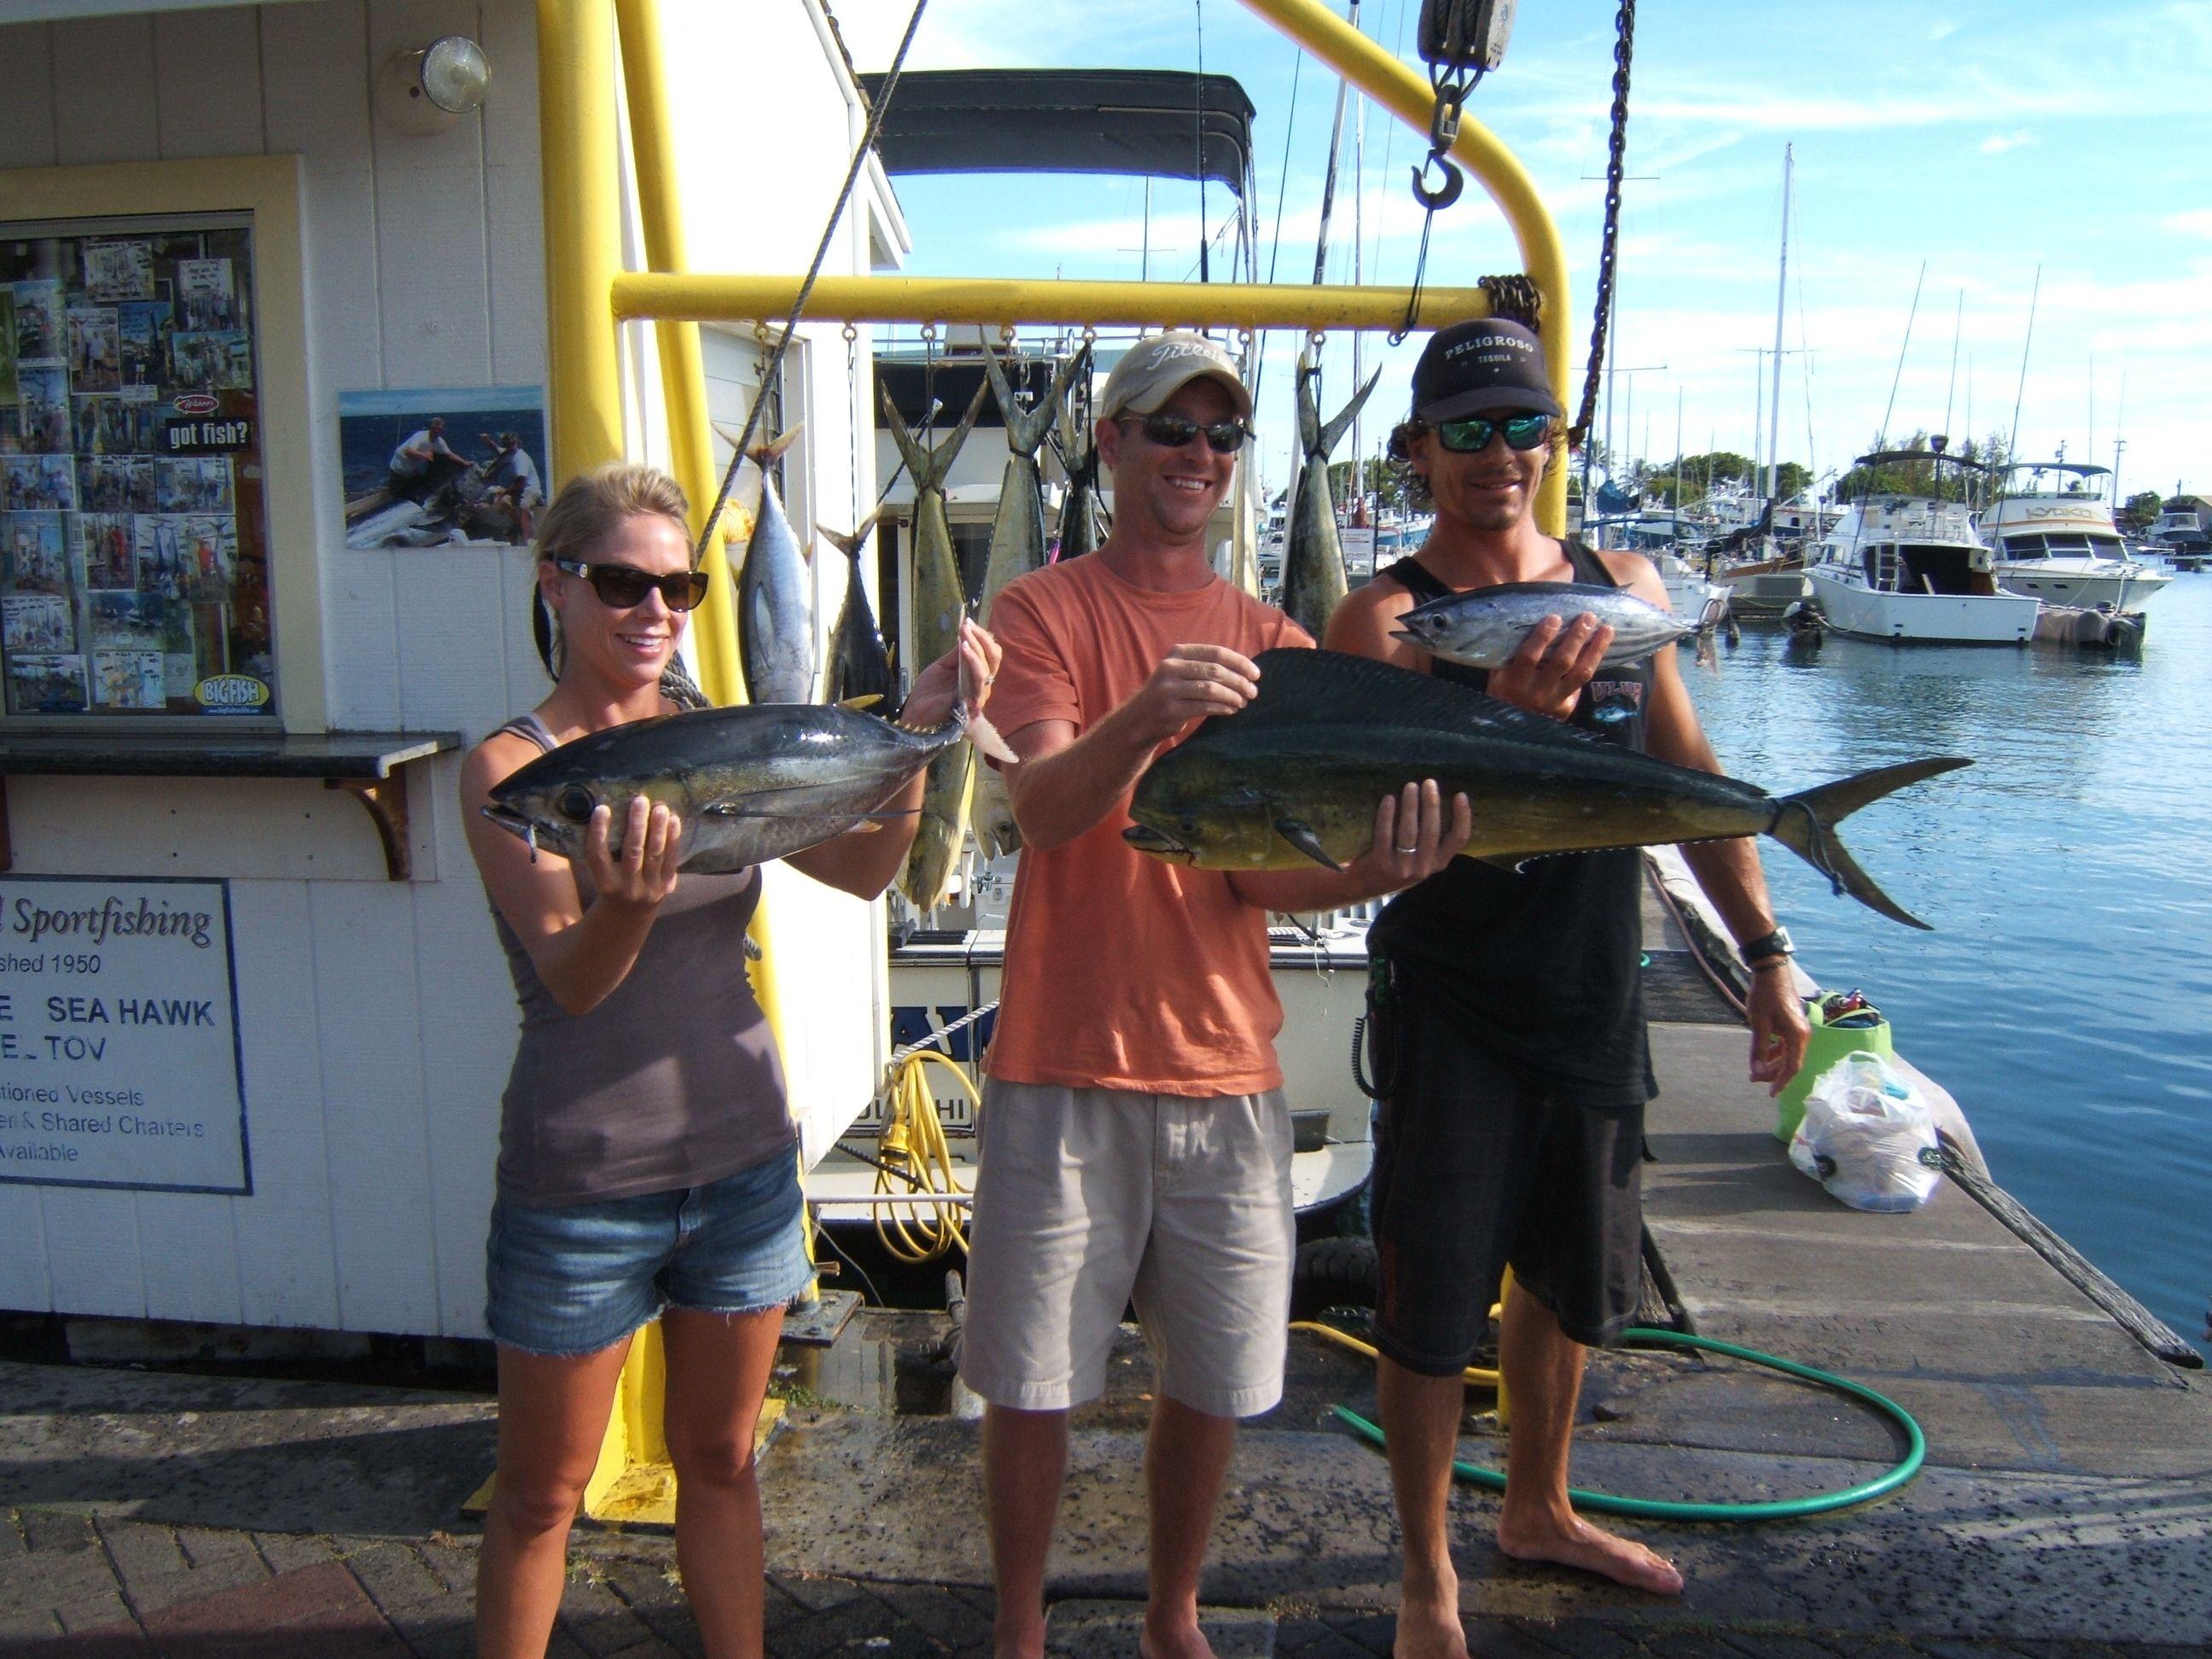 Aku maggie joe sport fishing oahu deep sea fishing for Fishing charters oahu